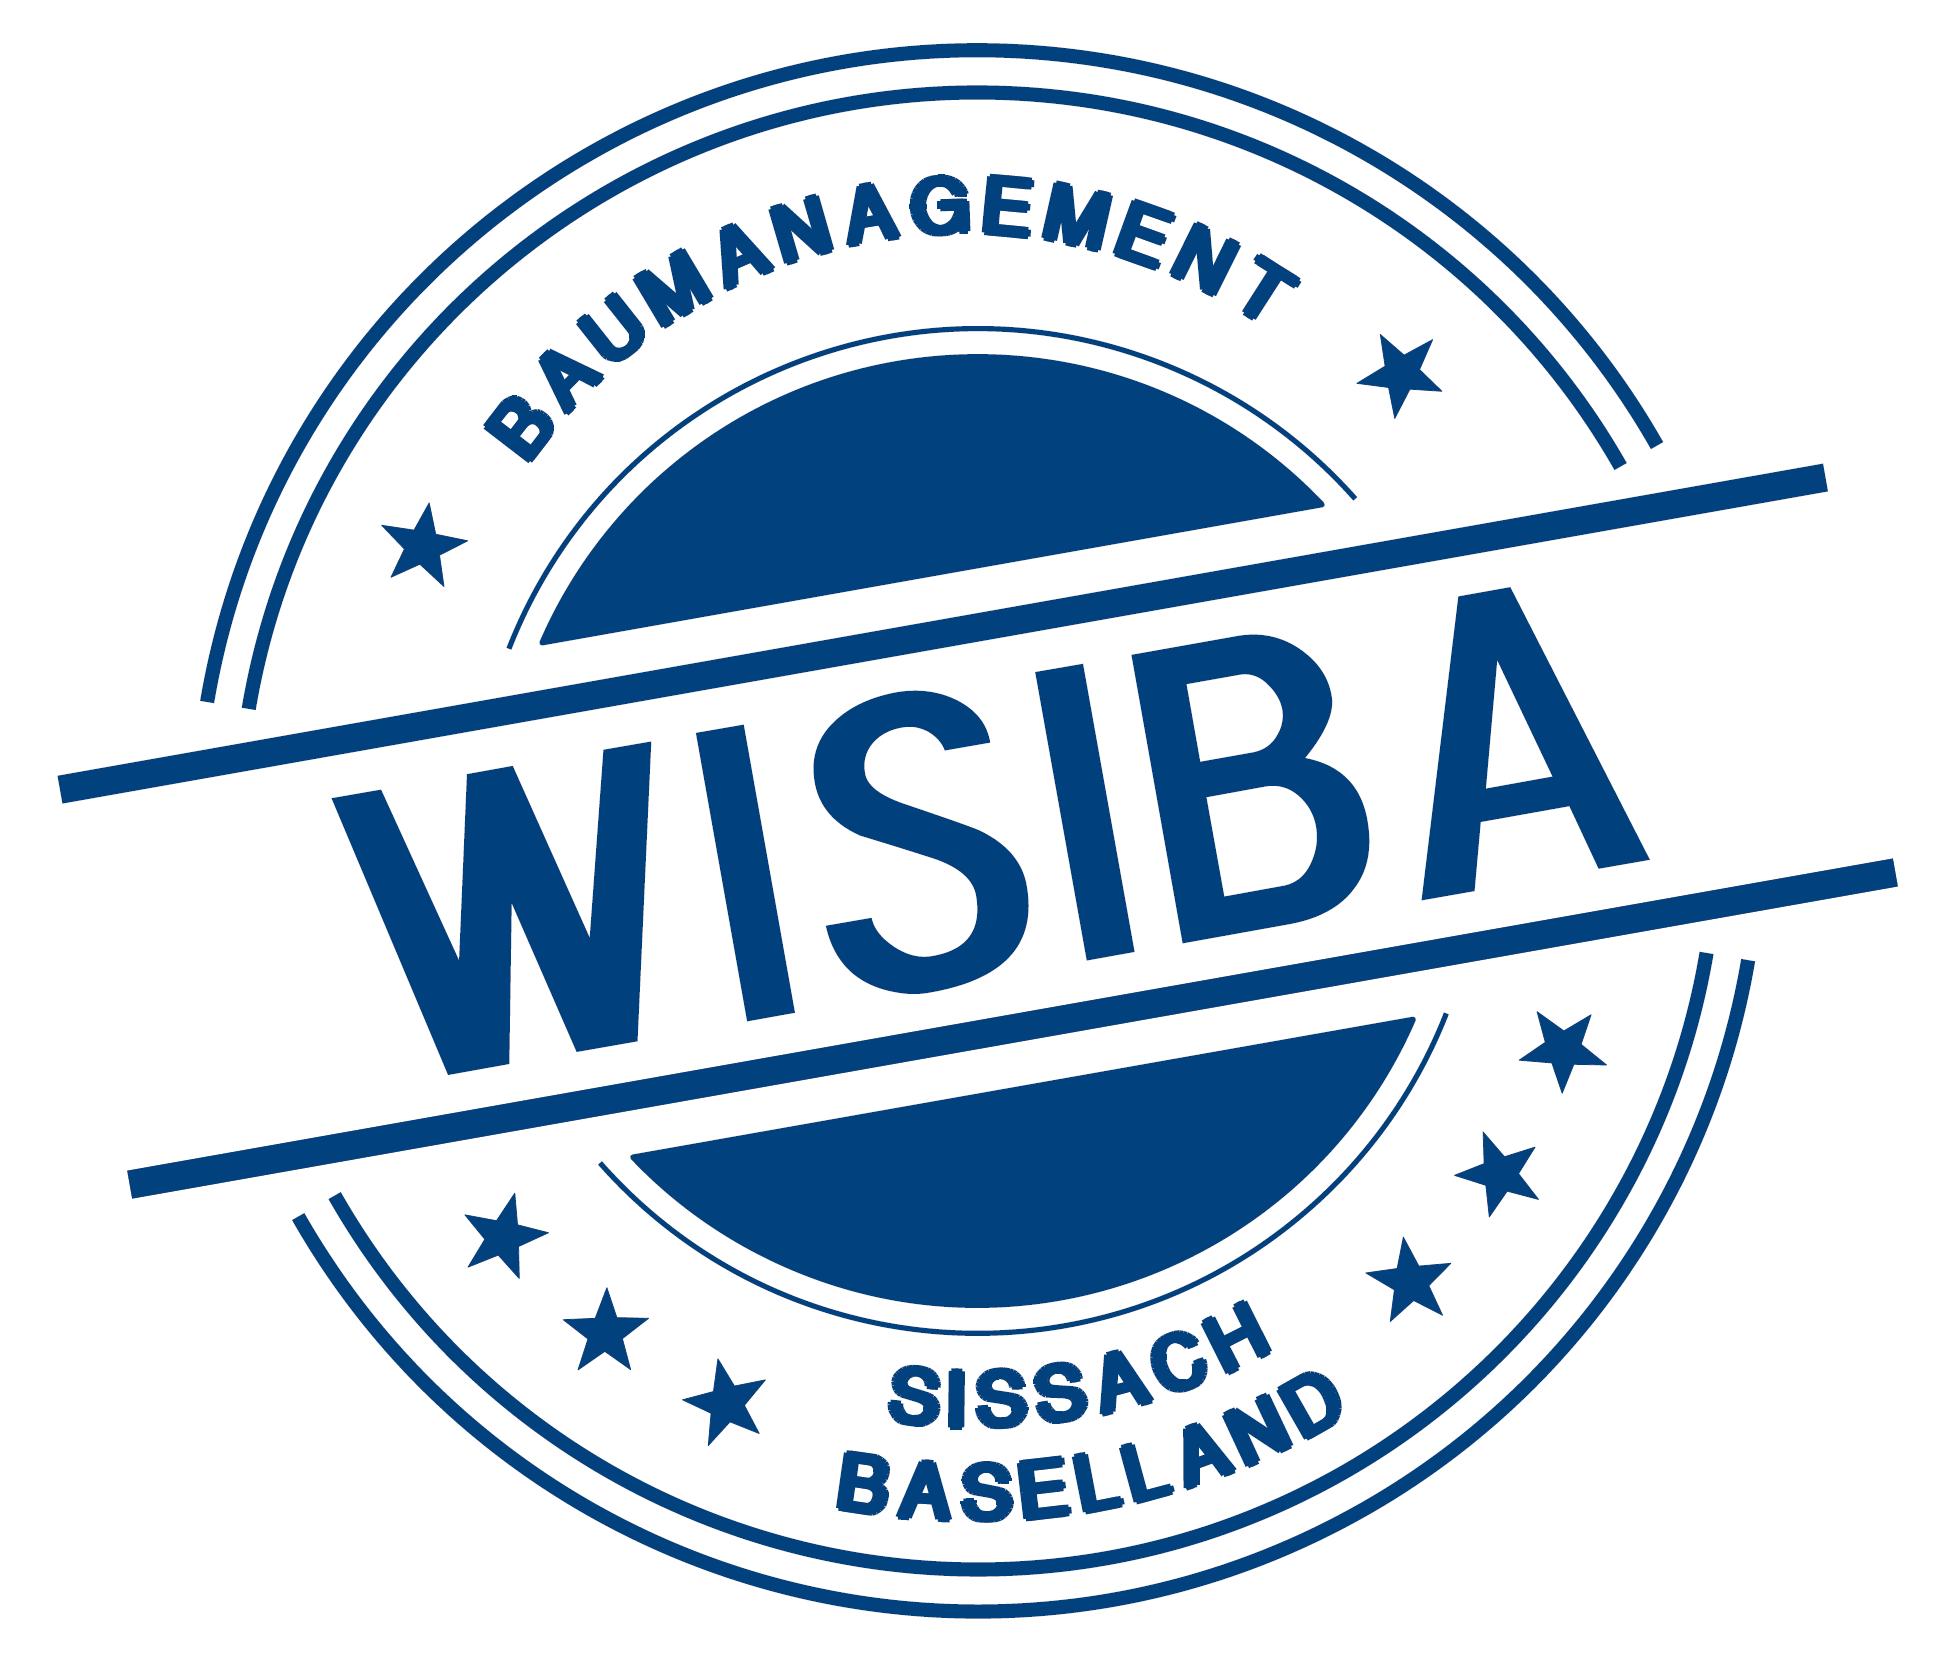 Wir sind ihre Bauleiter WISIBA